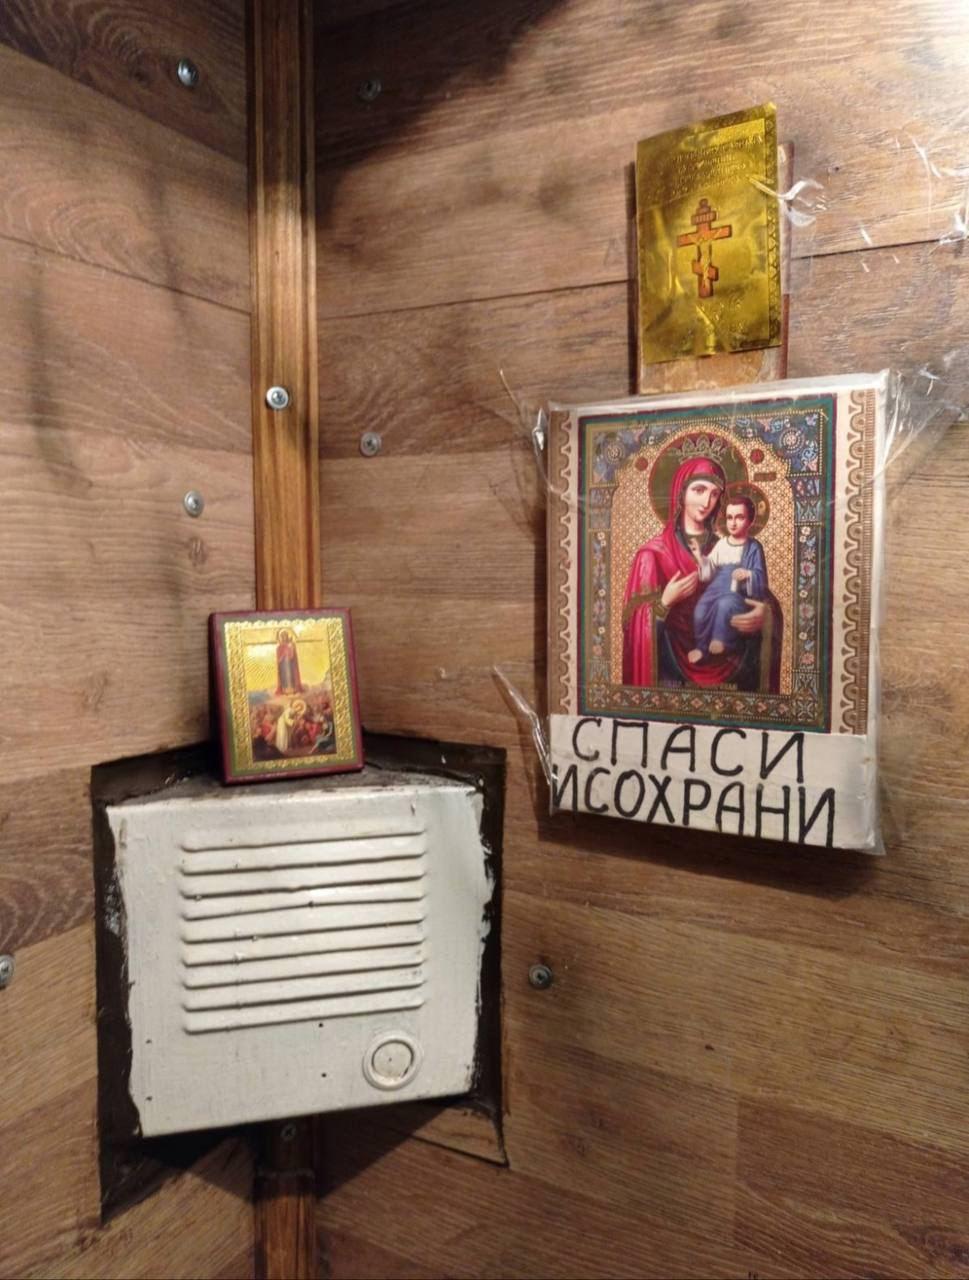 В Киеве лифт вместо средств связи оборудовали иконами и надписями